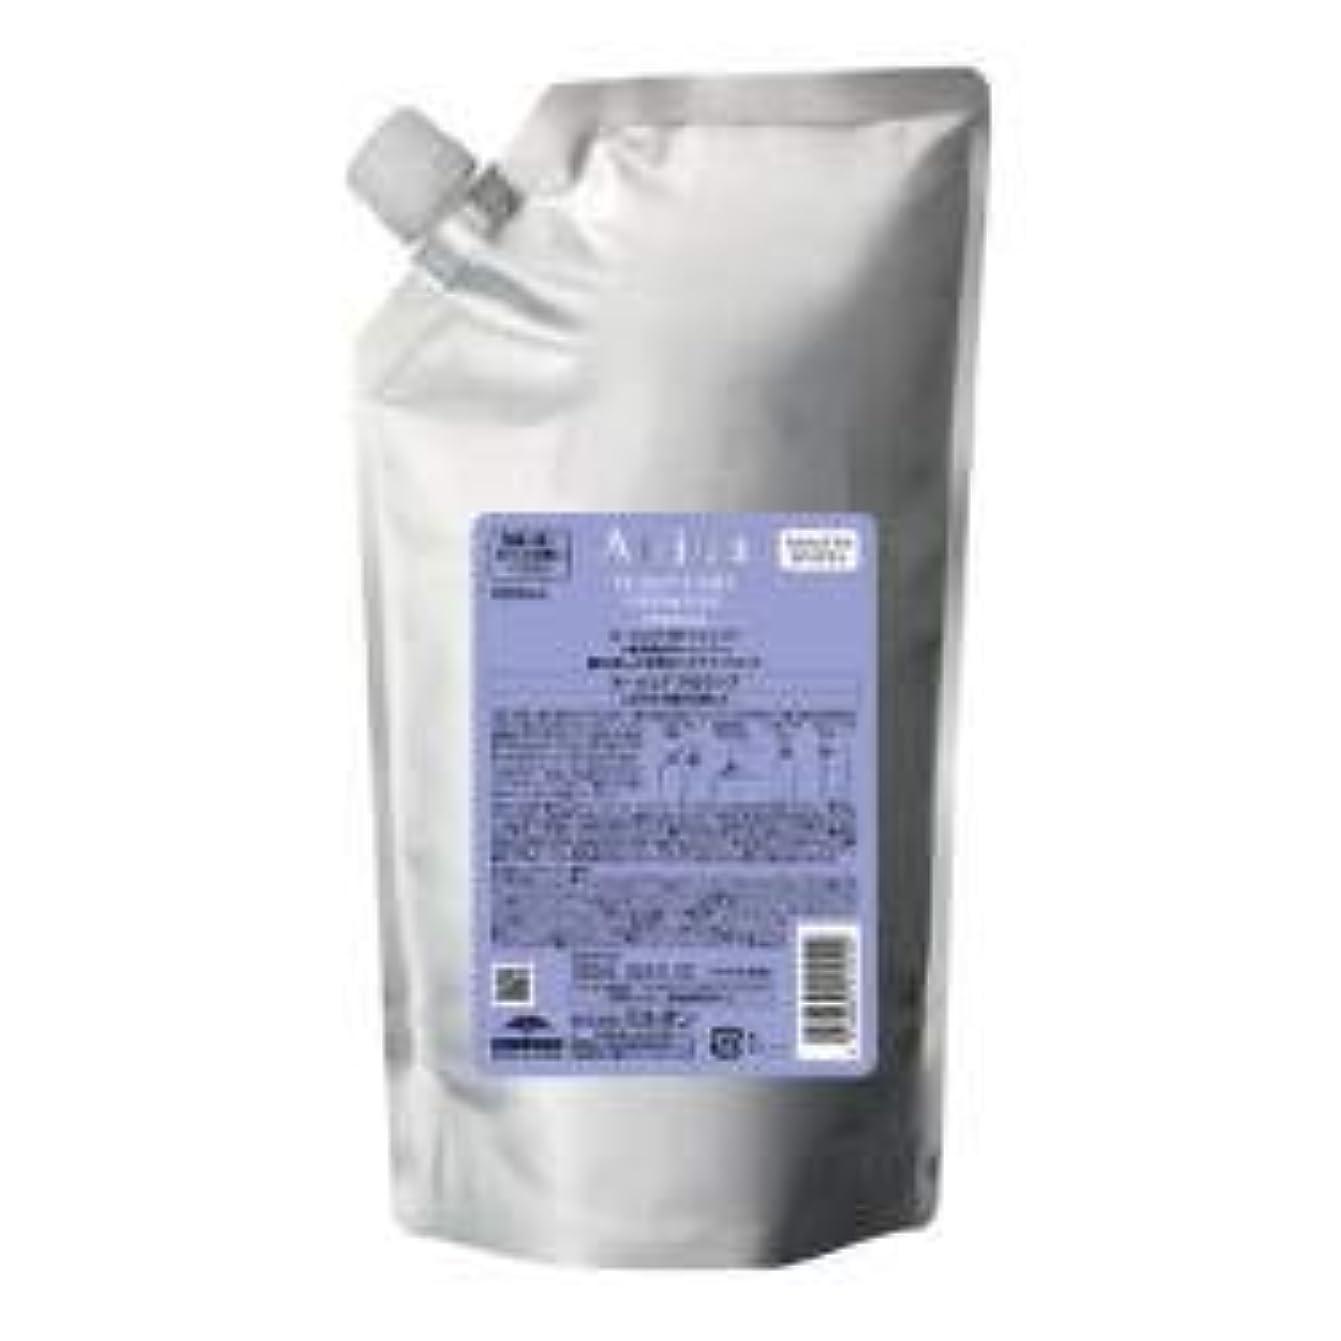 ブロッサム消費するソーセージオージュア GR グロウシブ シャンプー(医薬部外品)(1L)